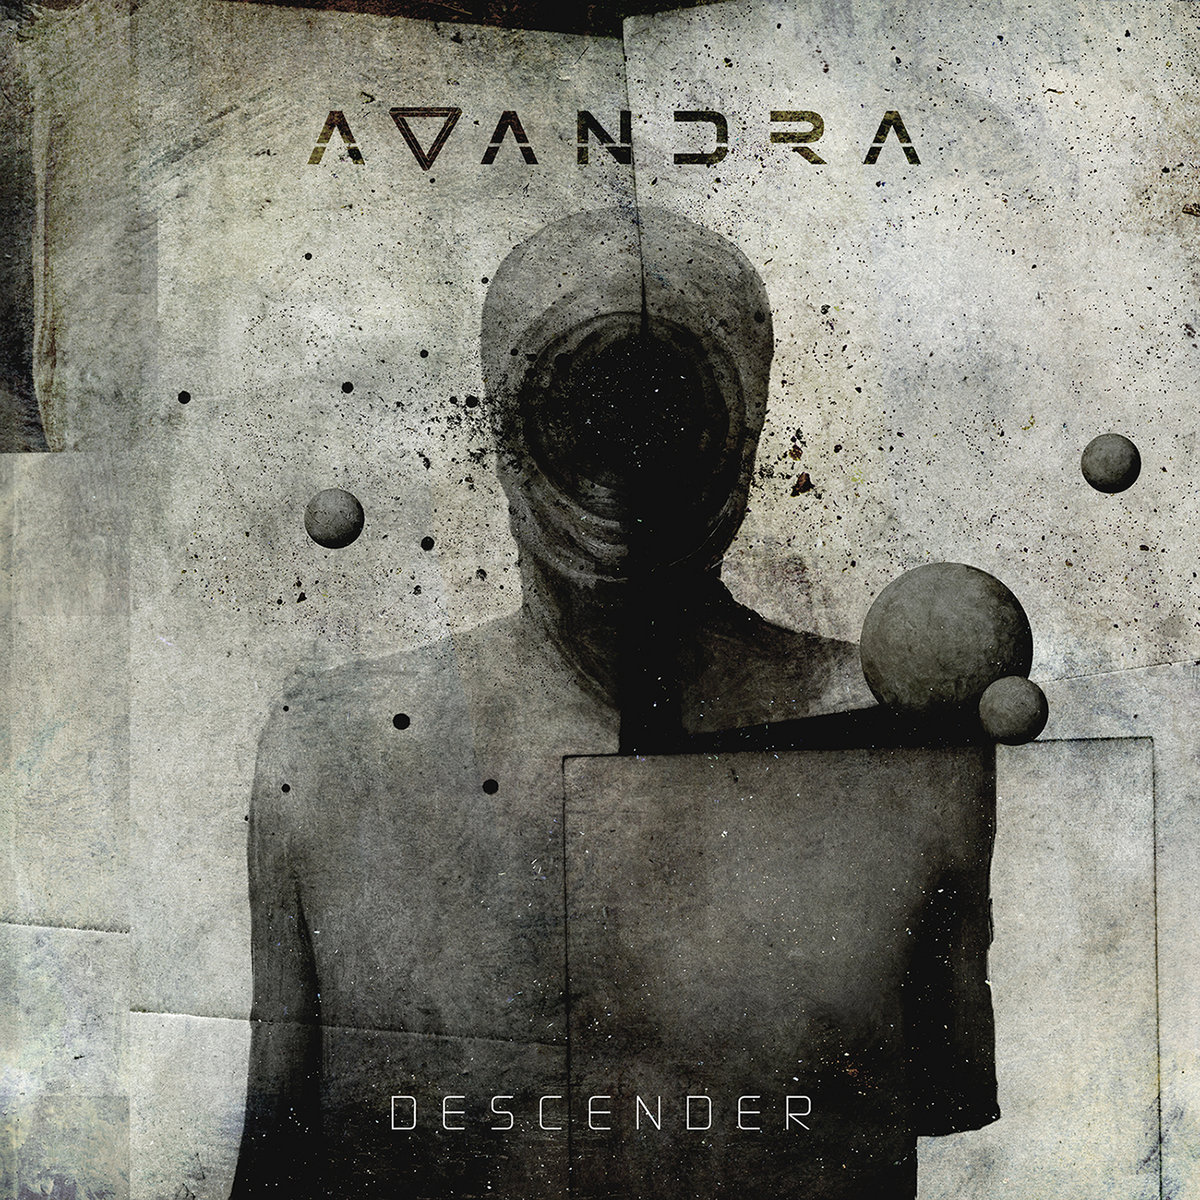 Avandra: Descender